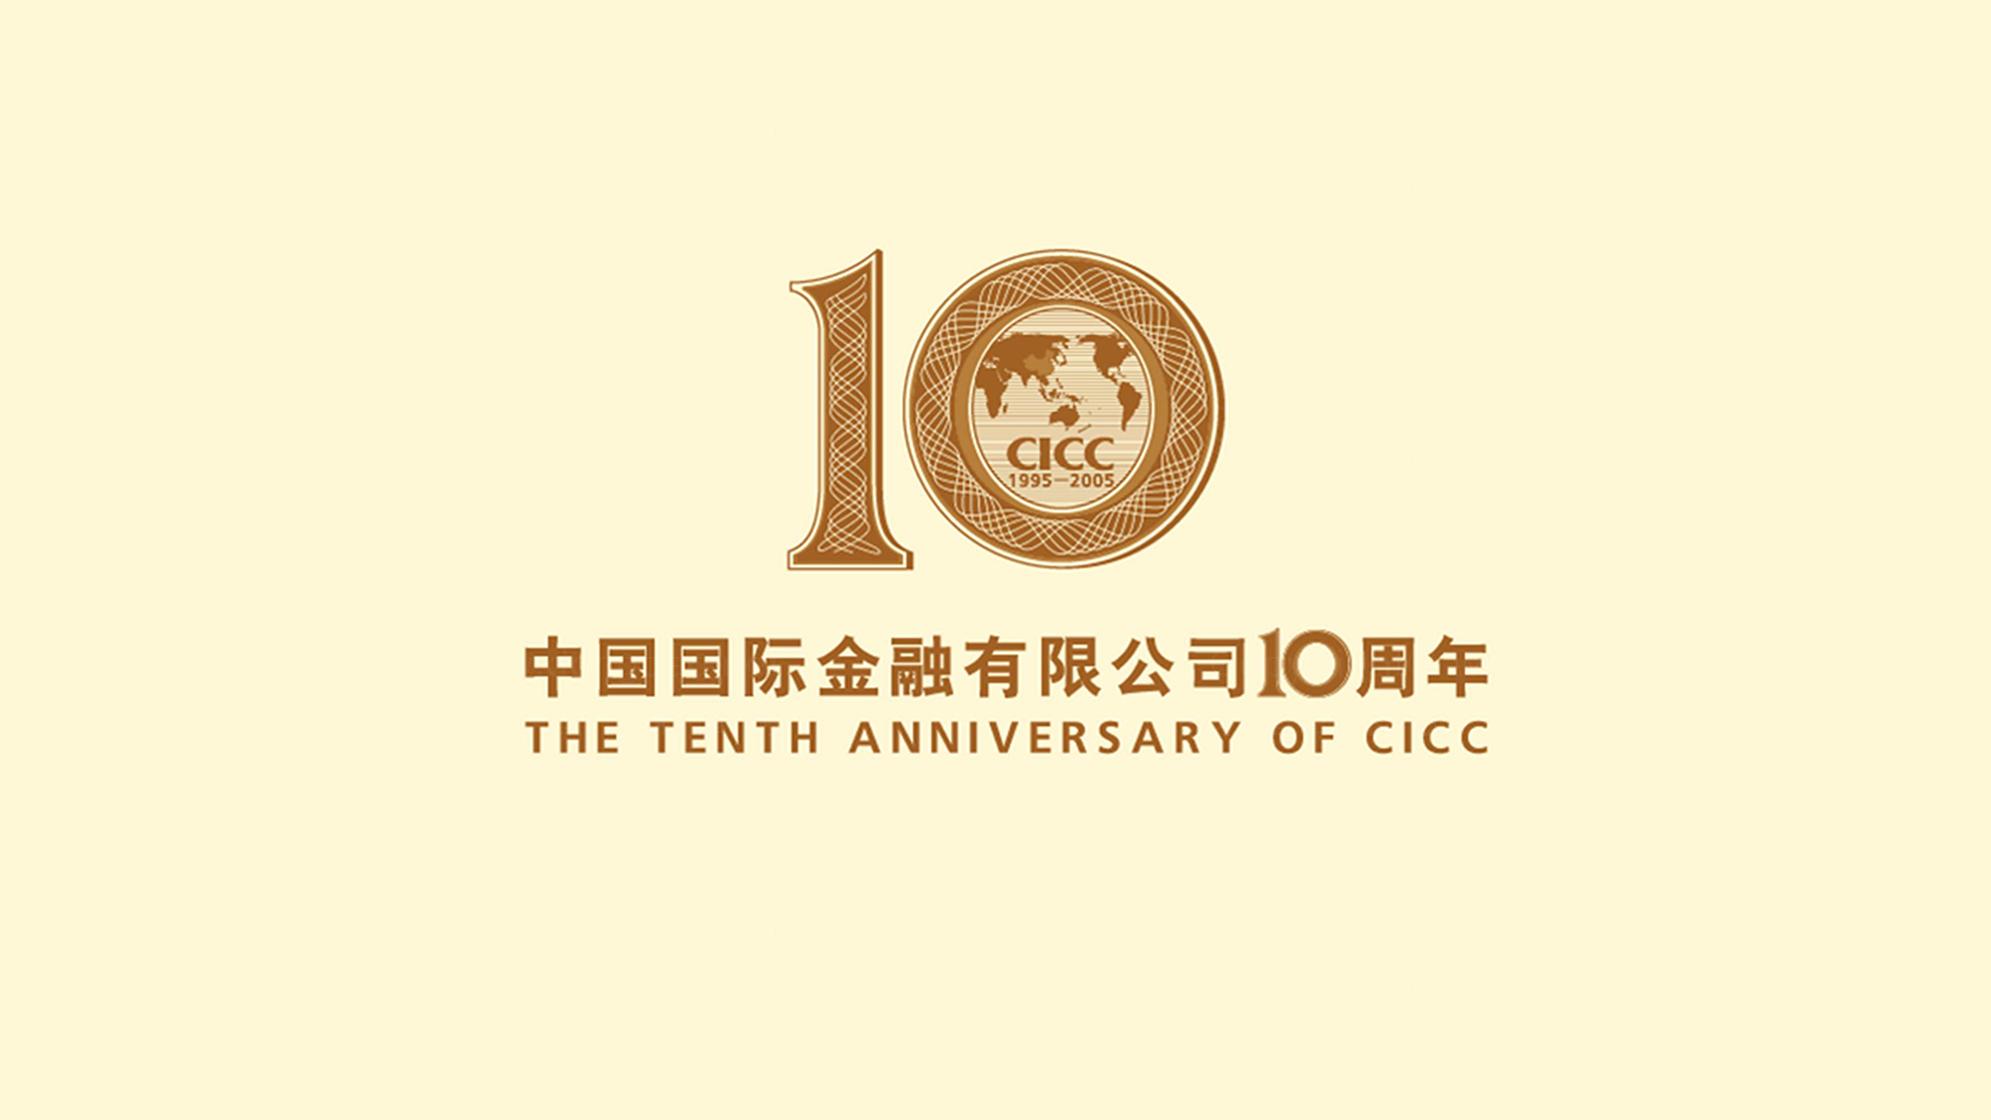 金融公司logo设计应用场景_5